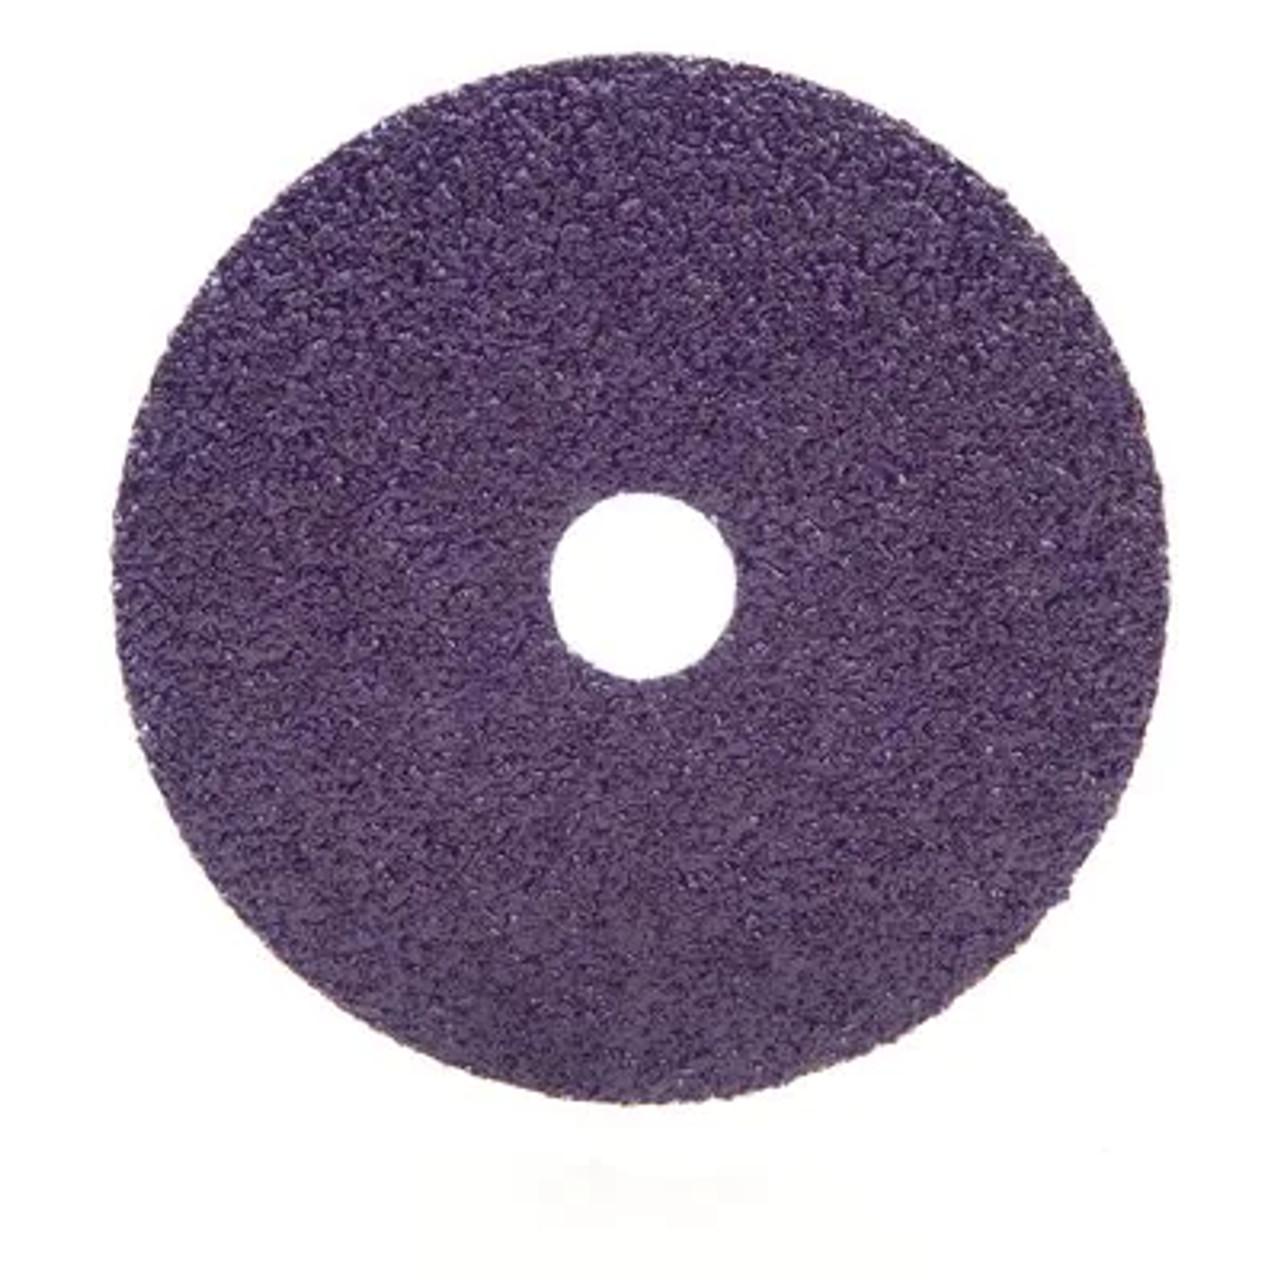 3M™ Cubitron™ II Abrasive Fibre Disc, 33413, 5 in x 7/8 in (125mm x 22mm), 36+